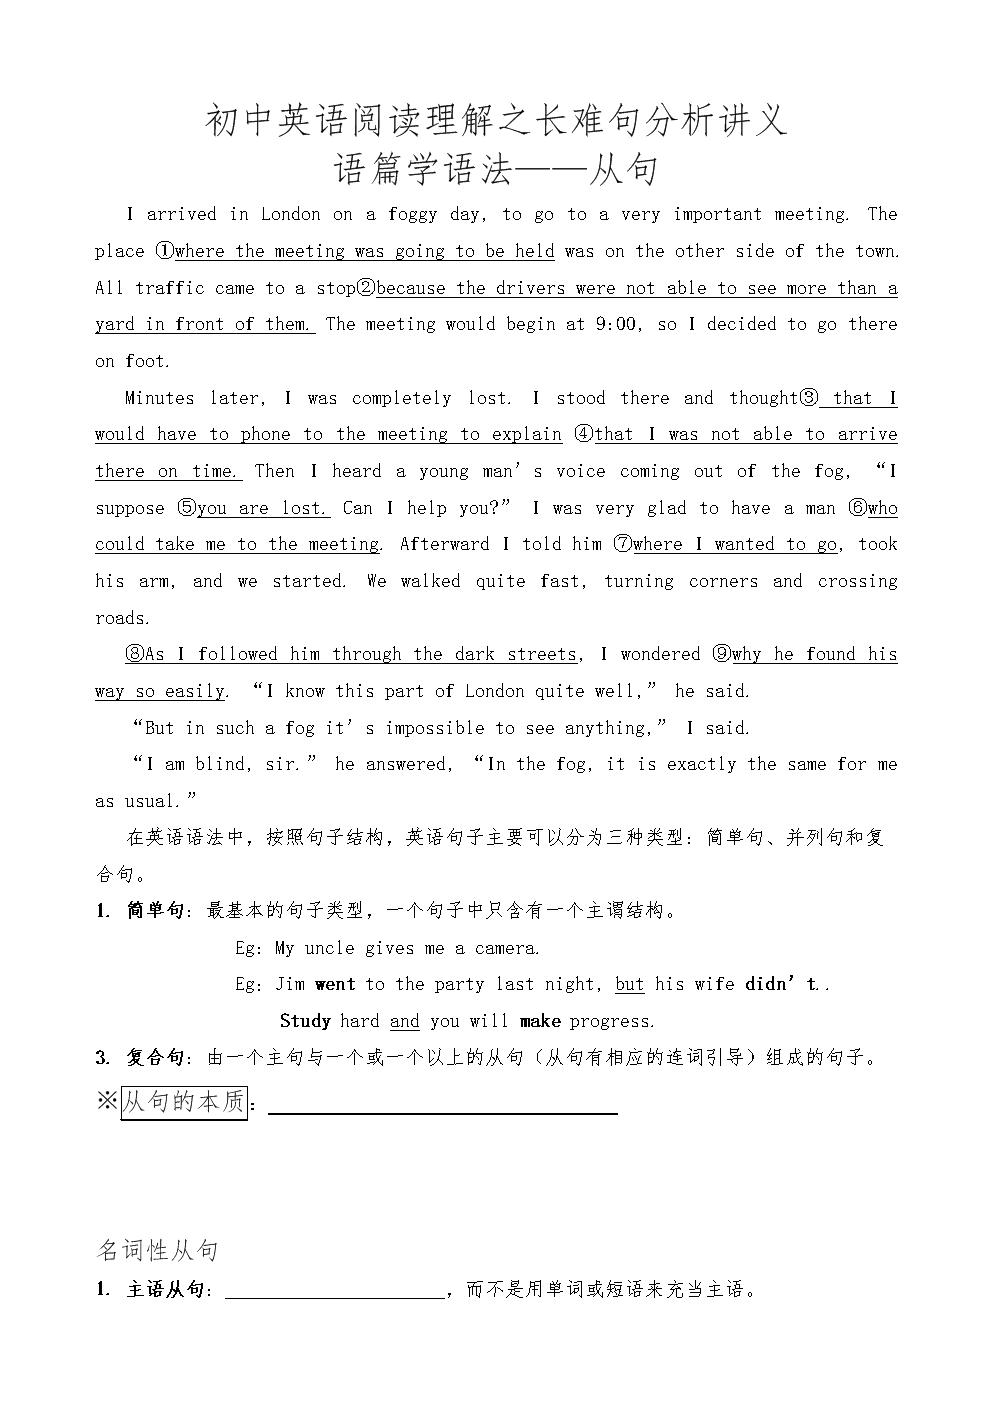 (精品)初中英语长难句_语篇从句讲义(初中学生版).doc